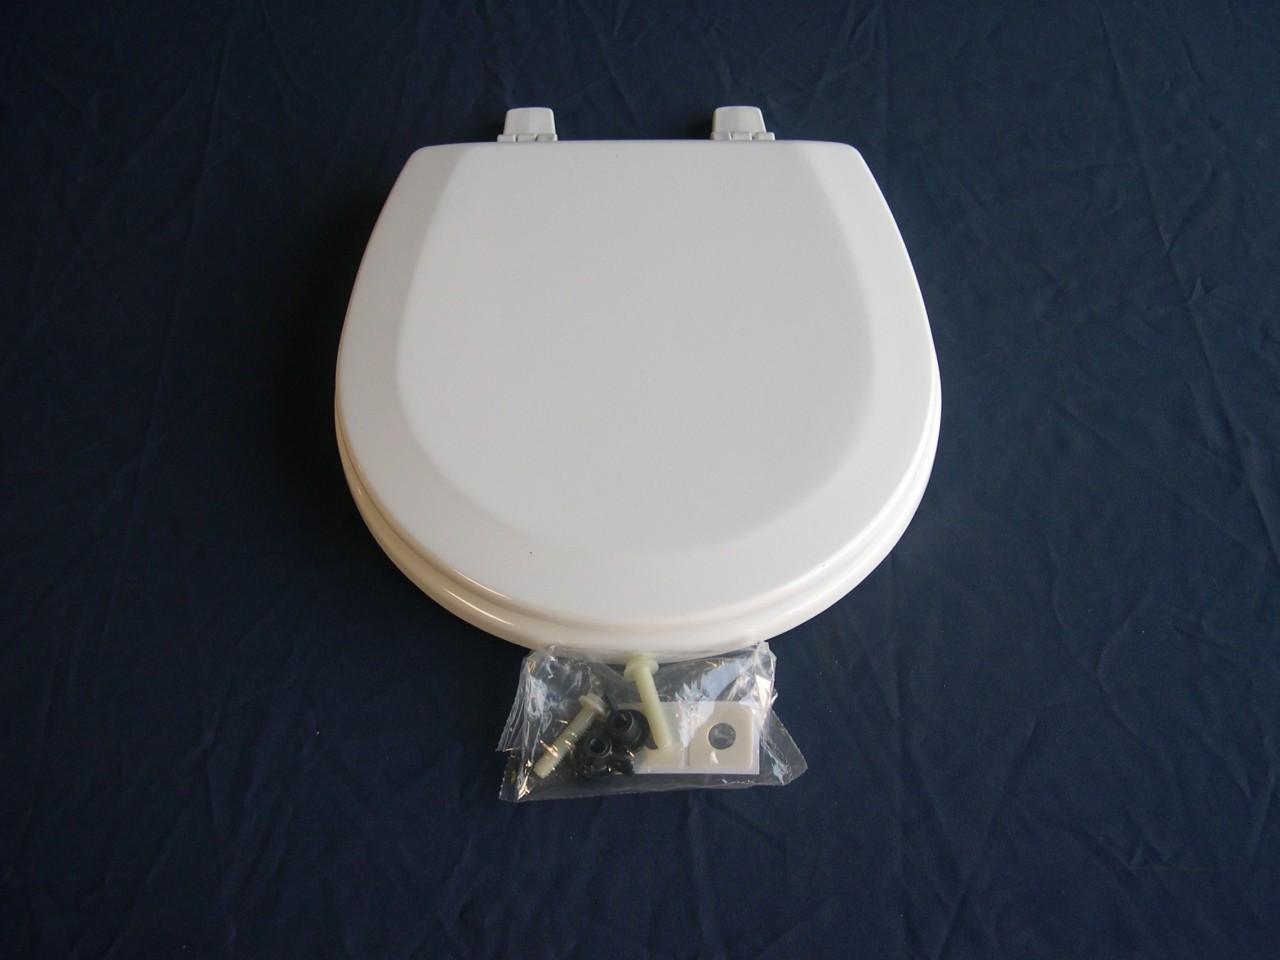 SeaLand / Dometic 385344436 Toilet Seat White /1000 Series/ 900 ...